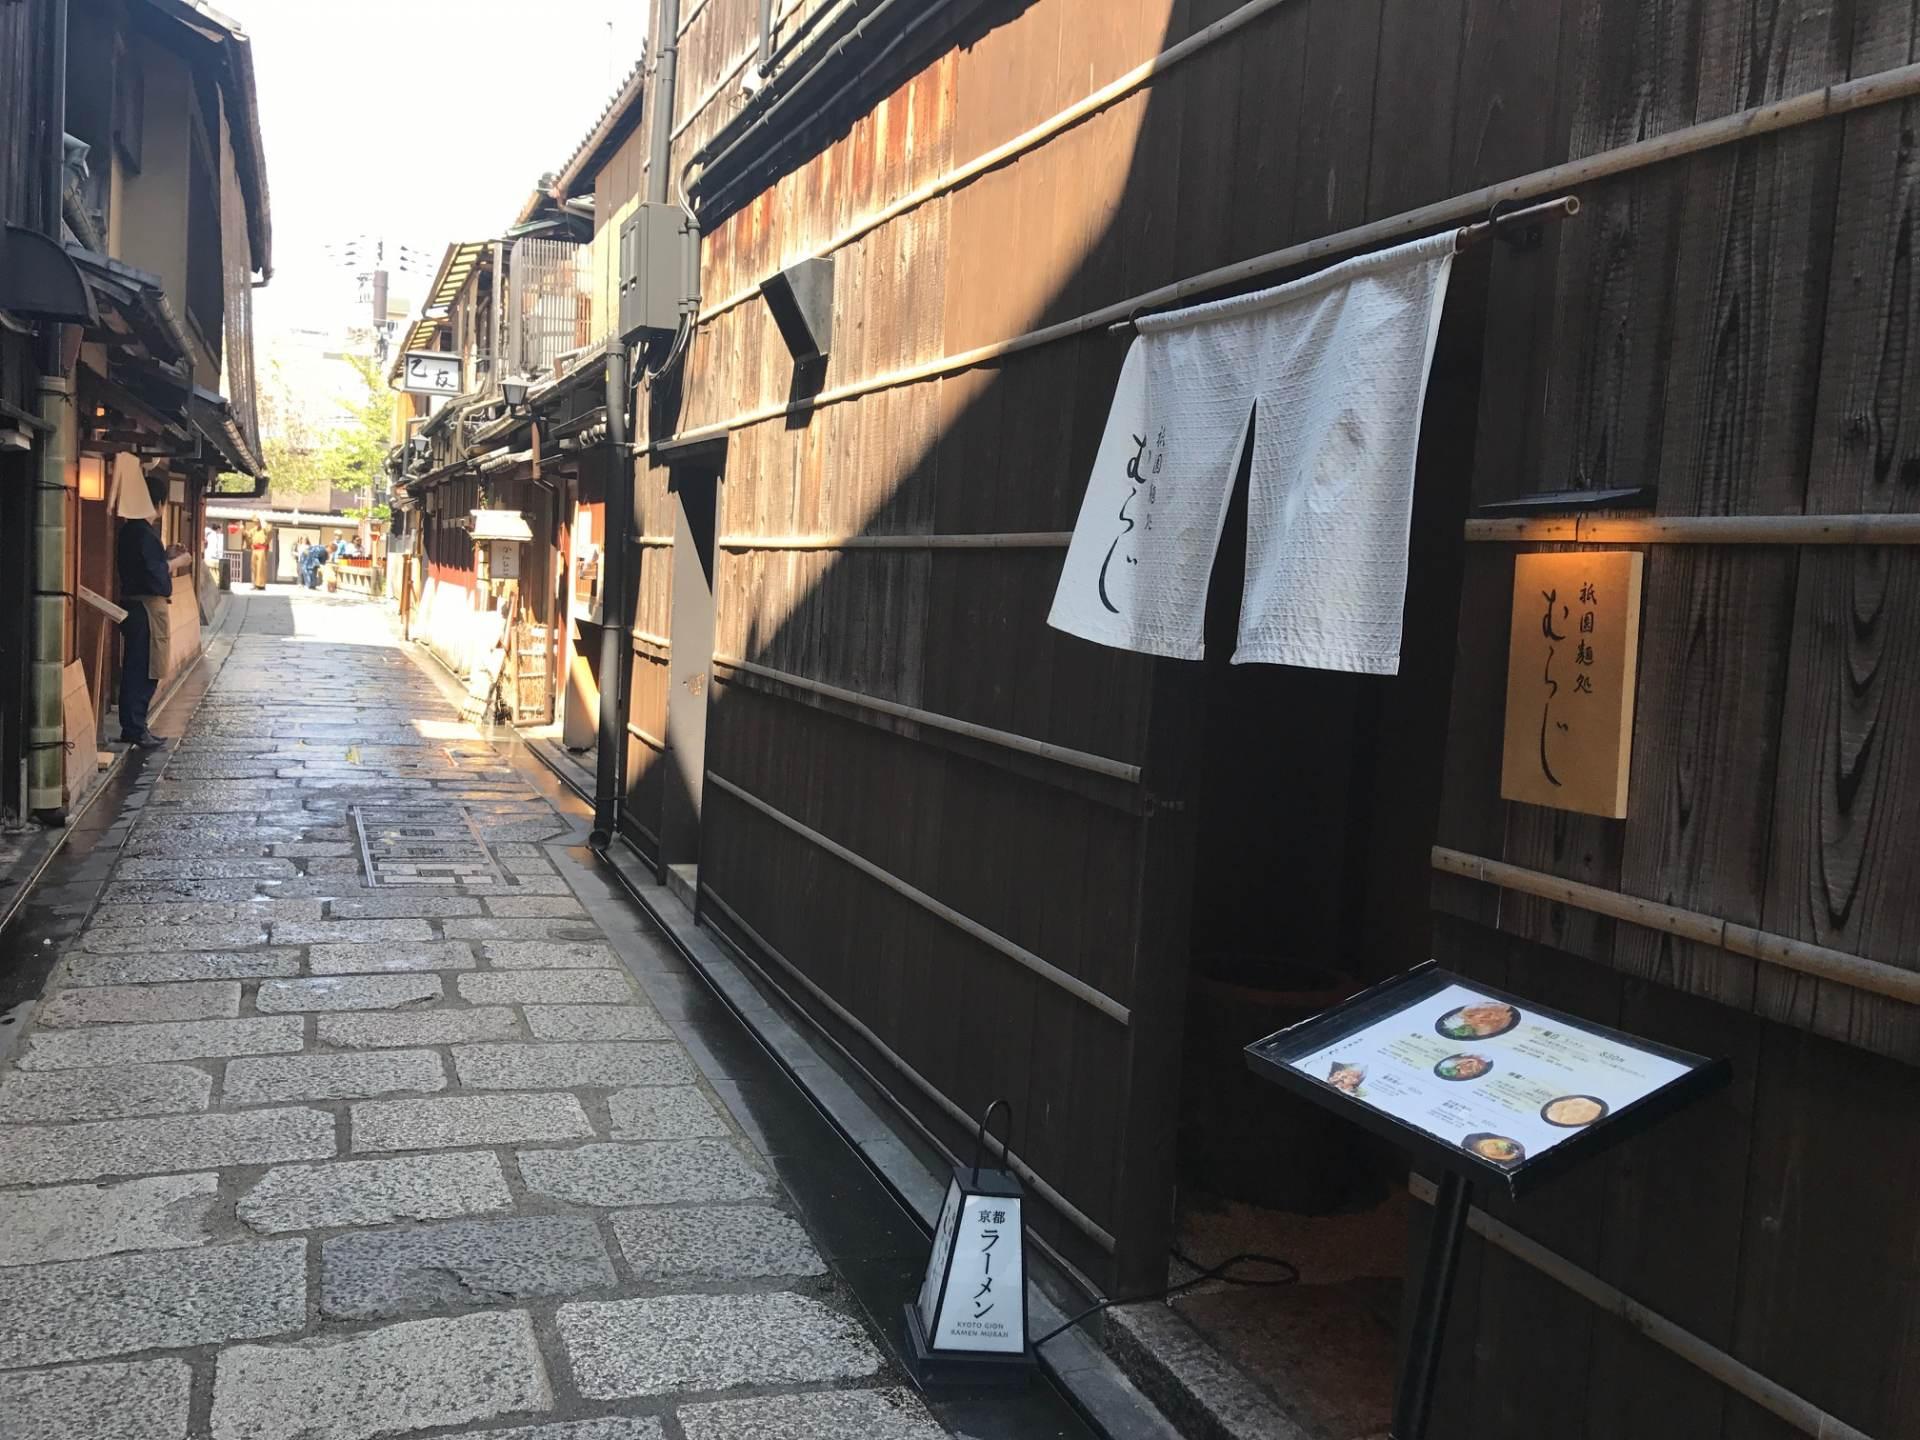 祇园面处むらじ(Muraji) 外观